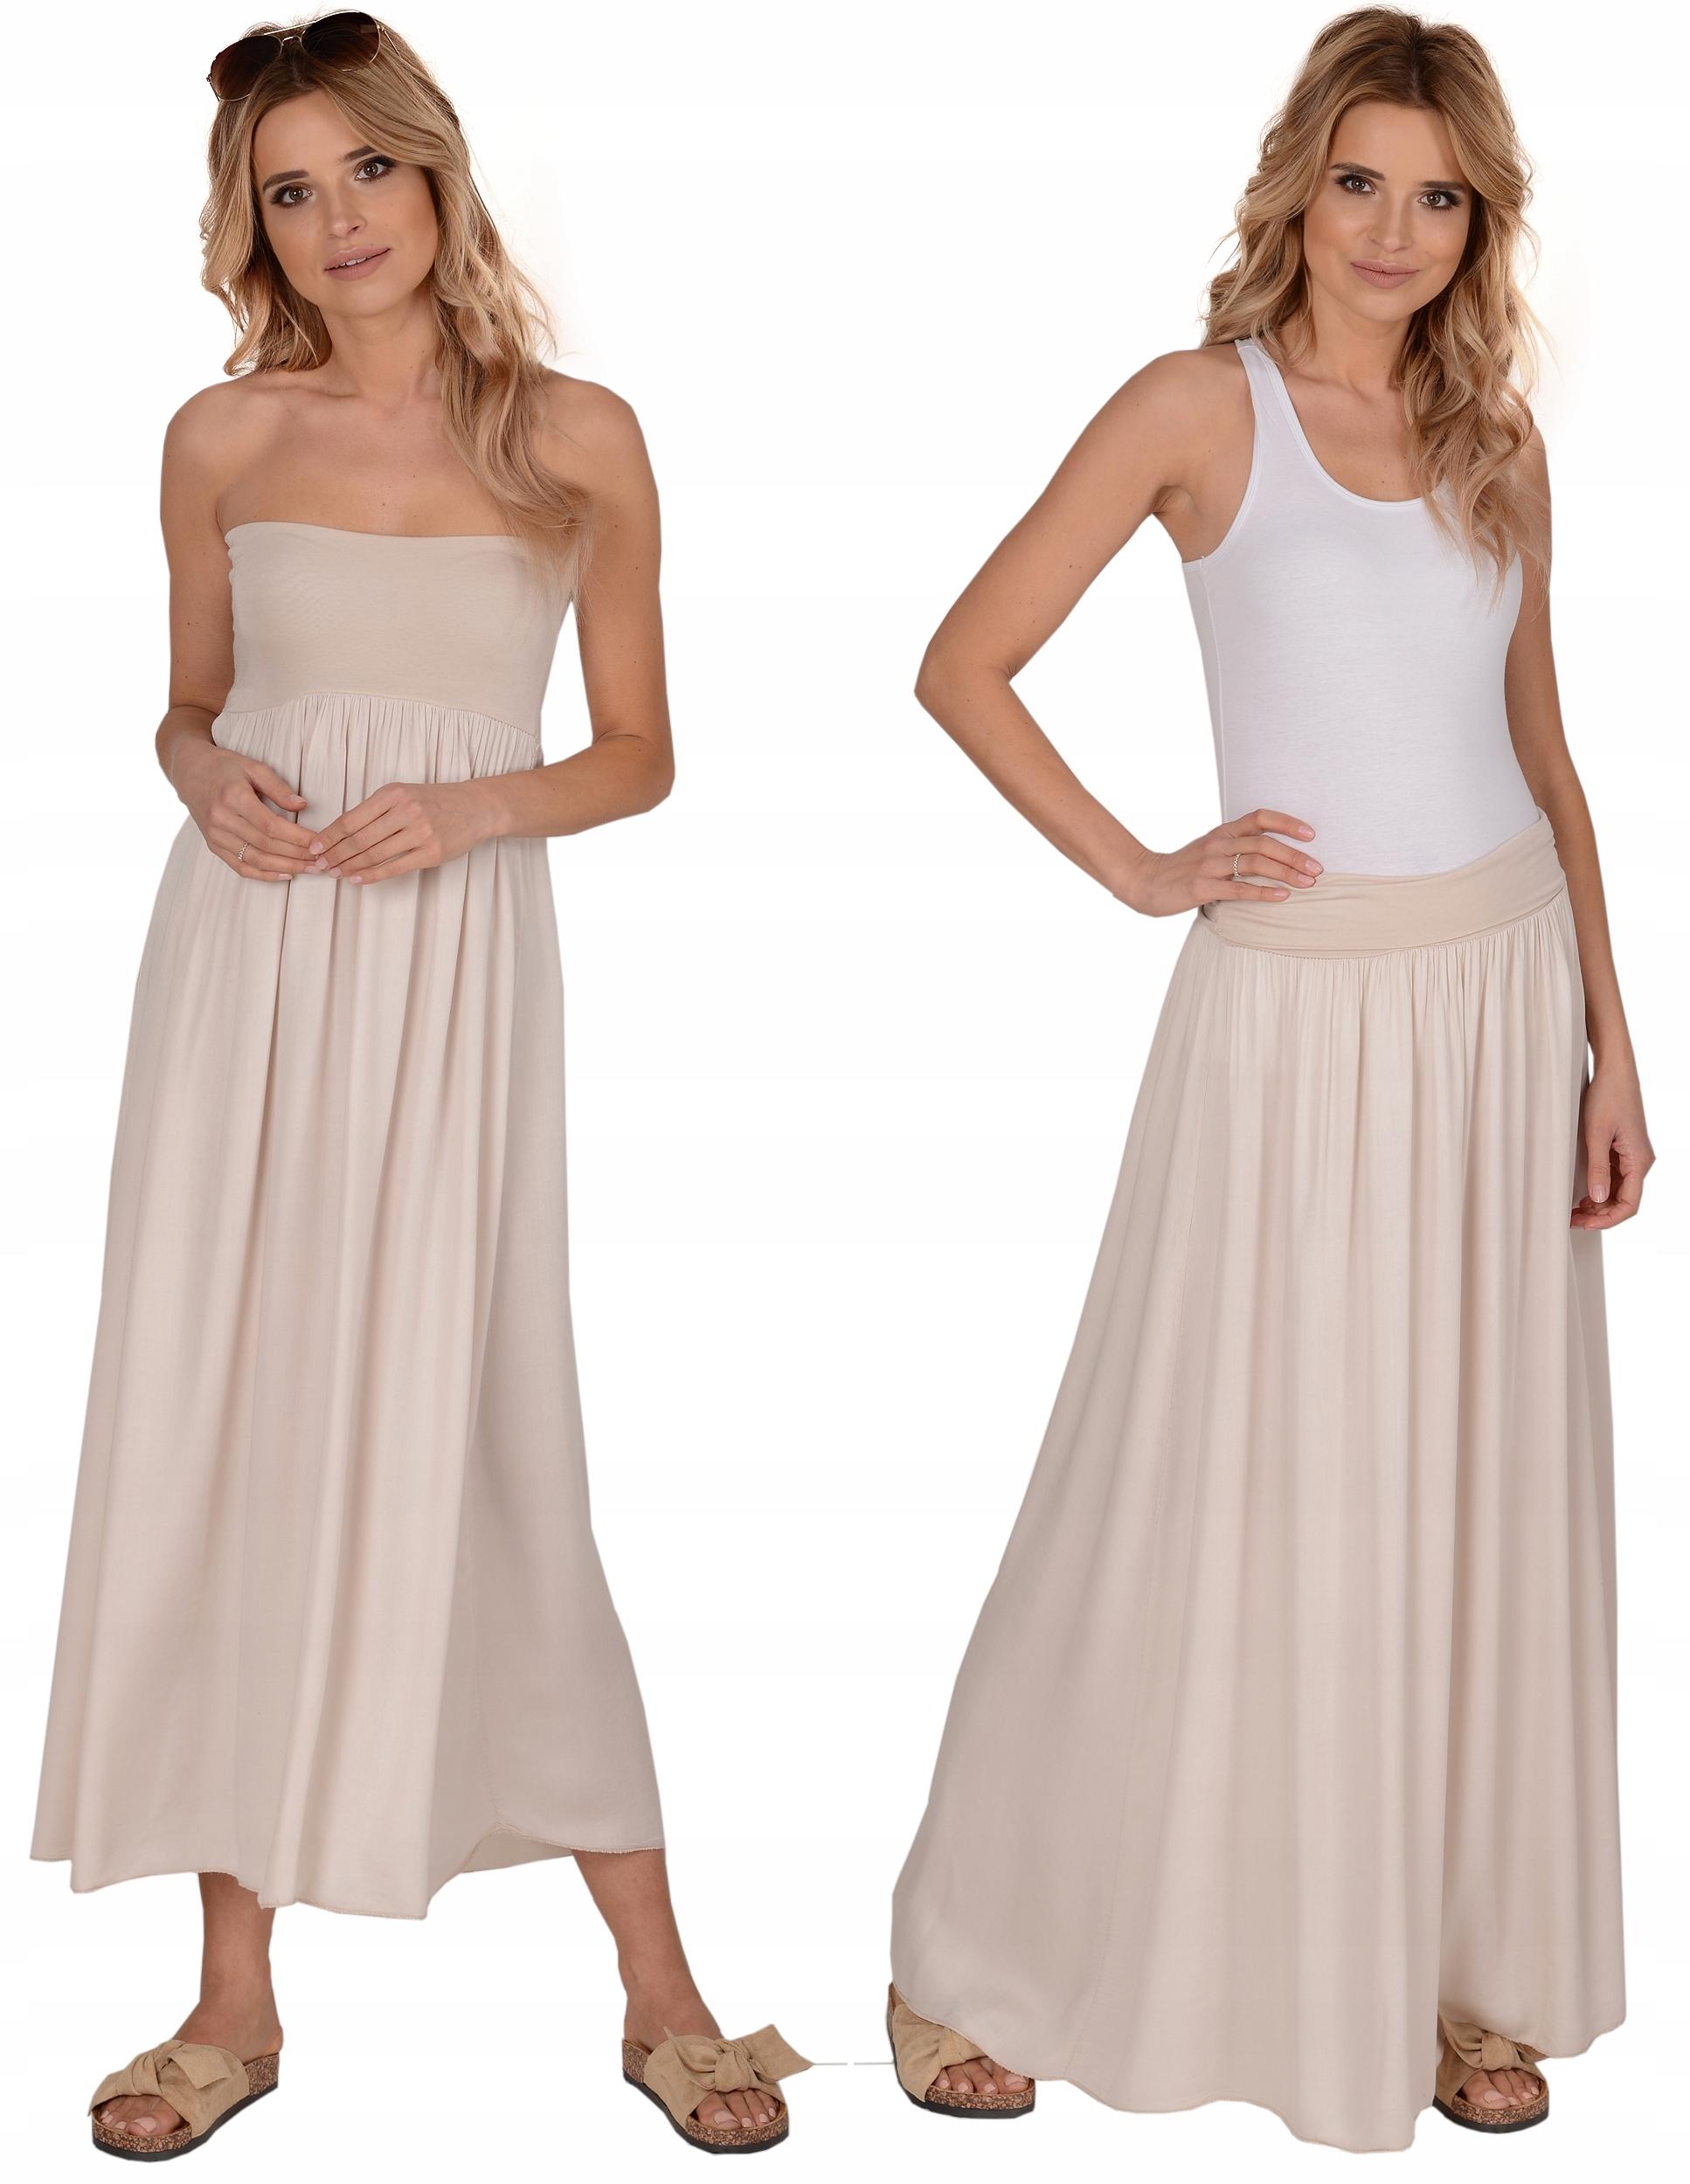 Modna Letnia długa spódnica 2w1 sukienka --- Beż